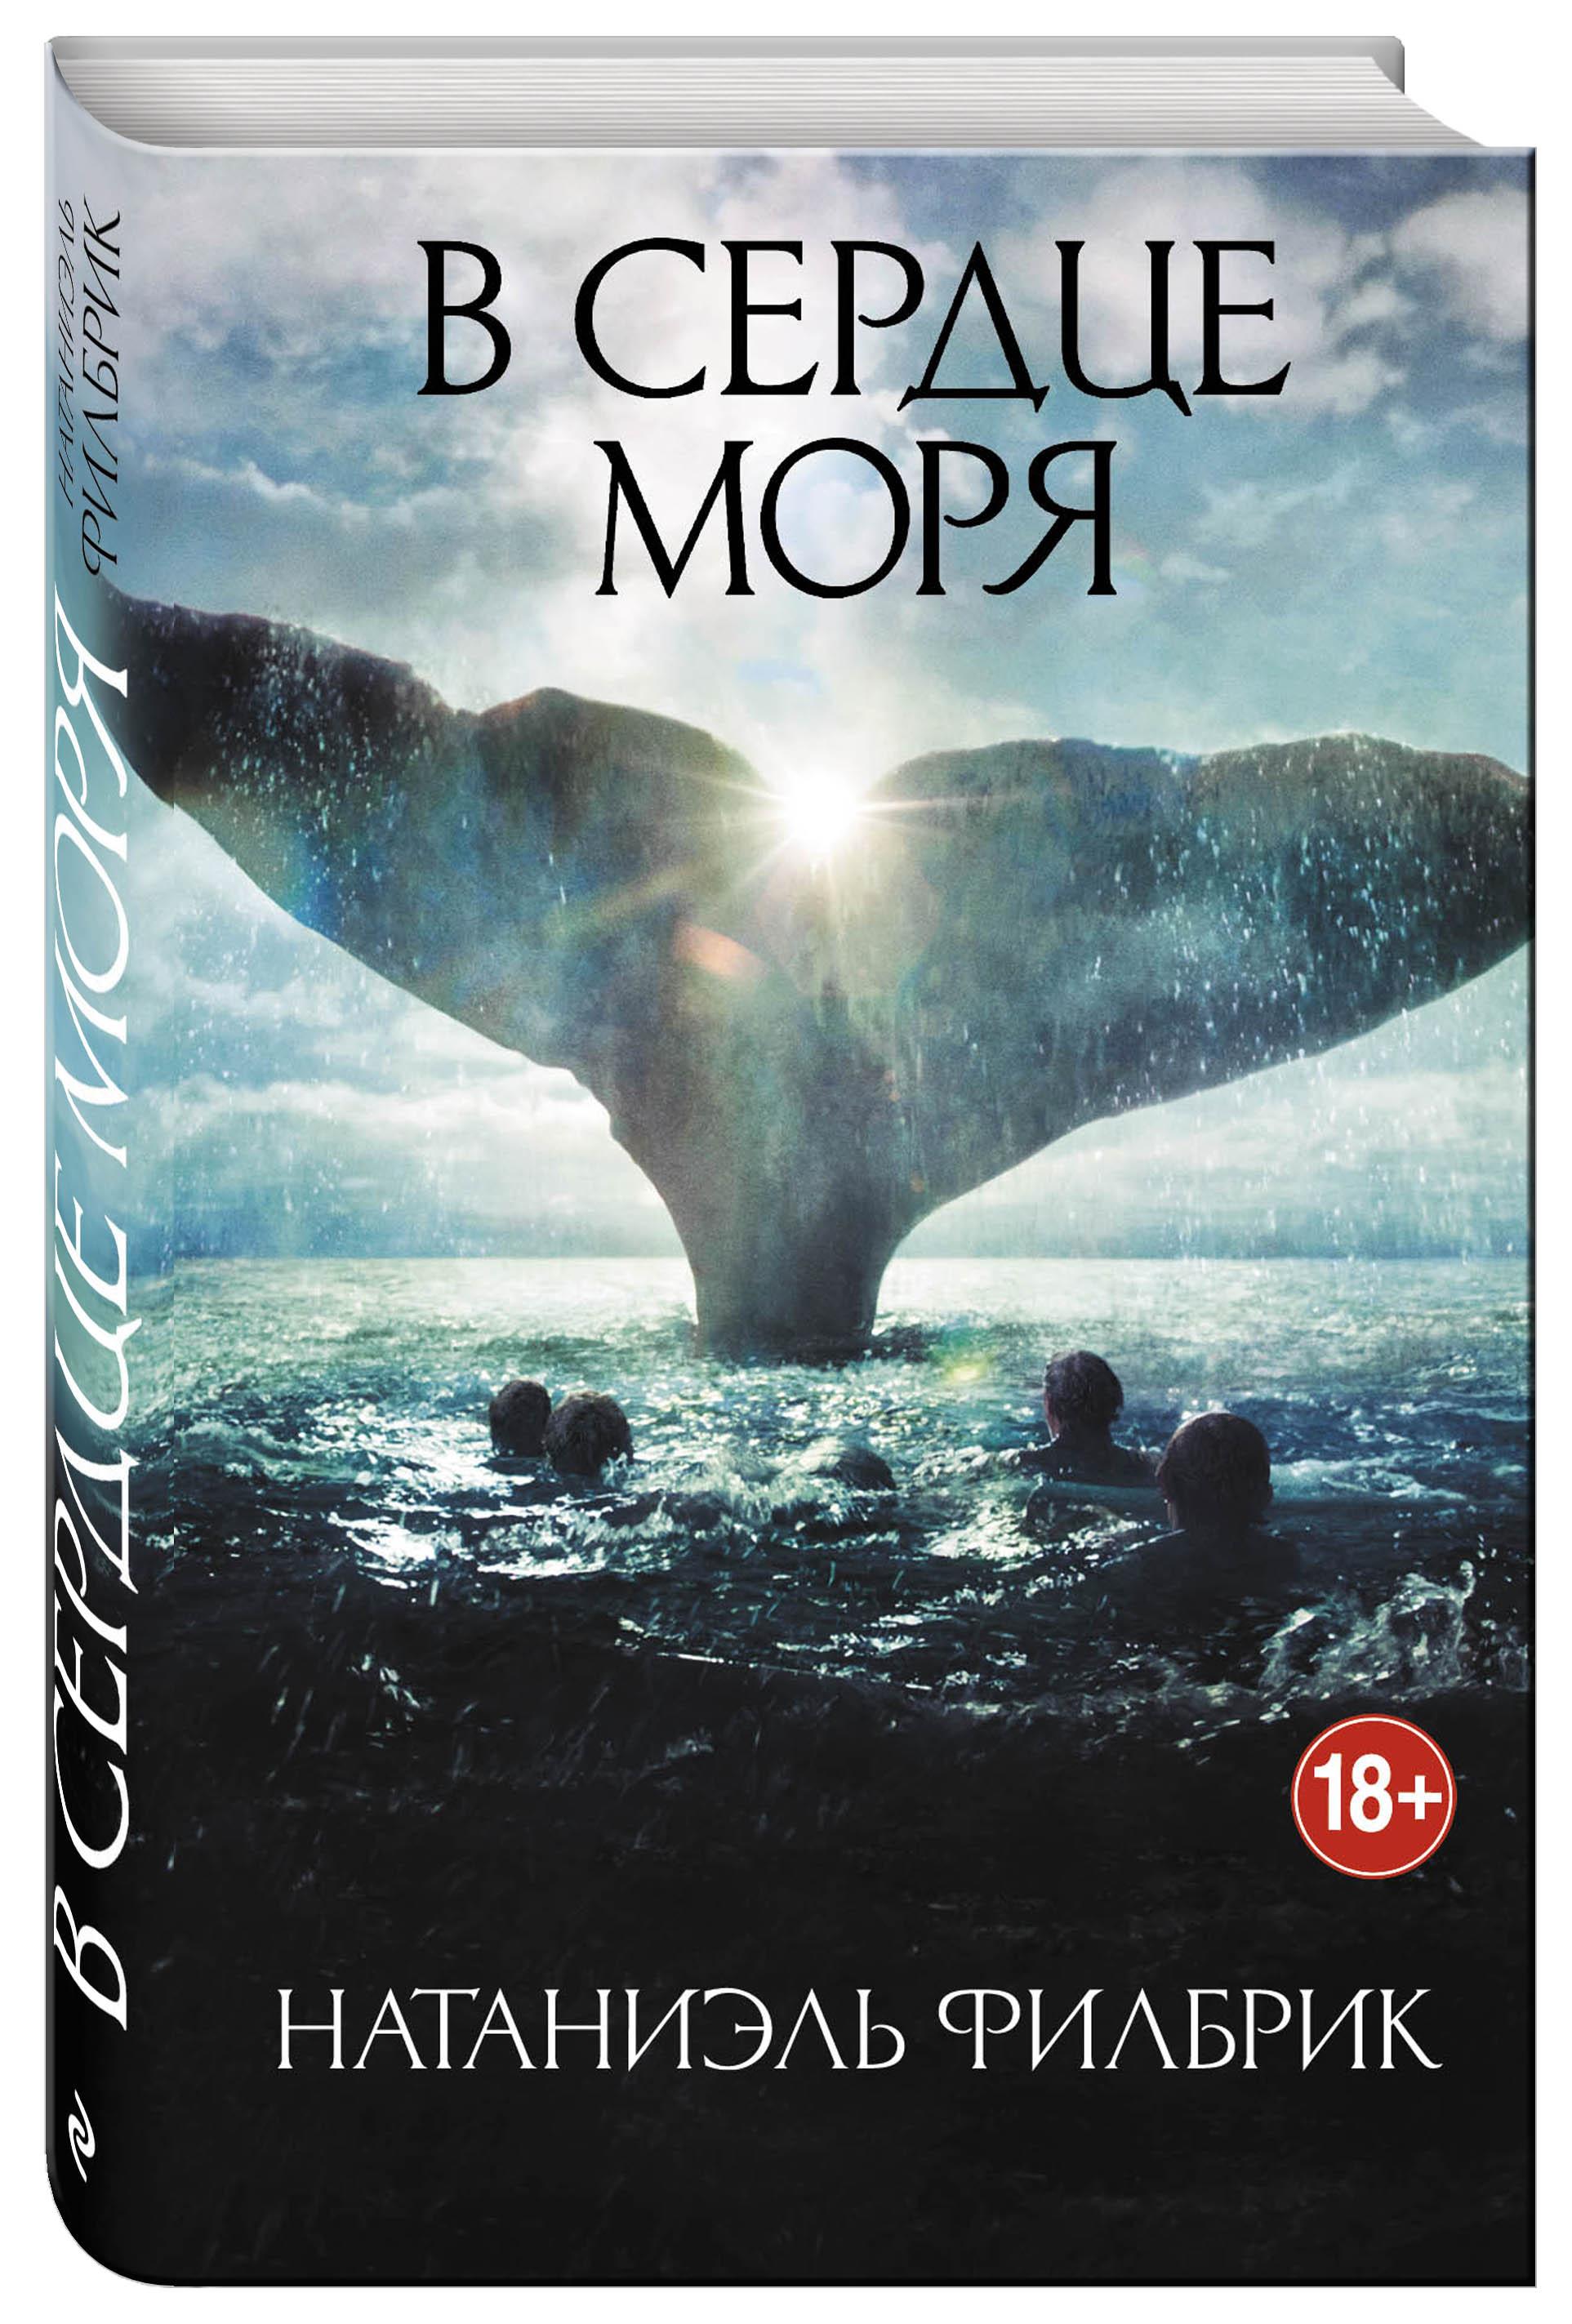 Филбрик Н. В сердце моря китобоец эссекс в сердце моря